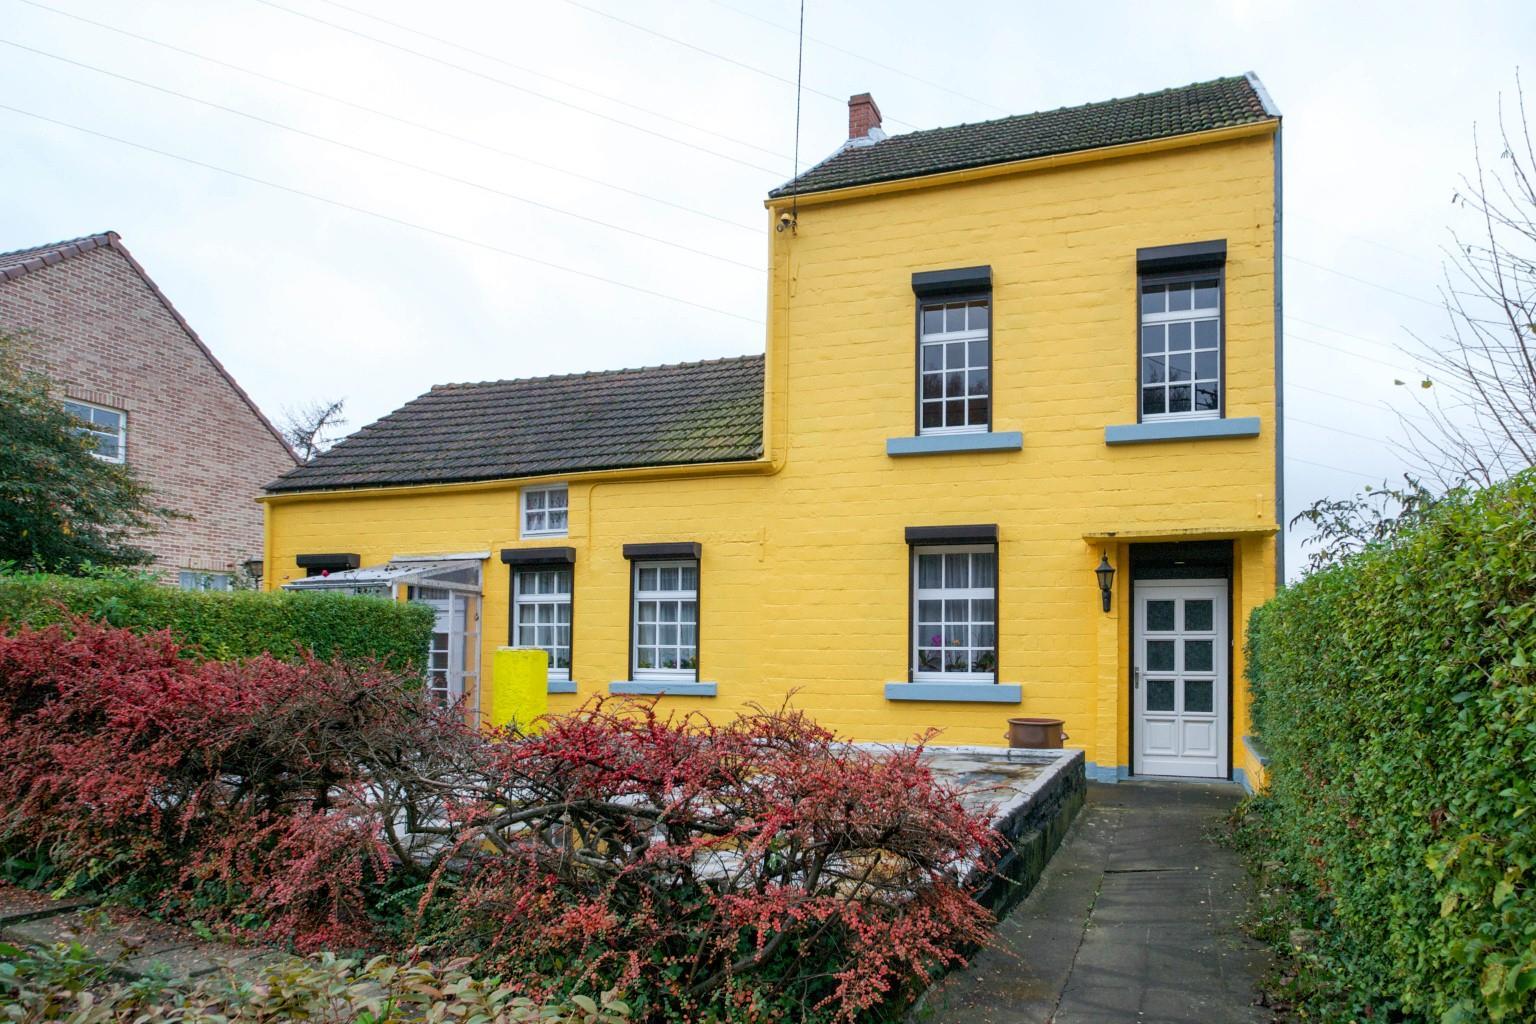 Maison unifamiliale - Carnières - #2010187-0